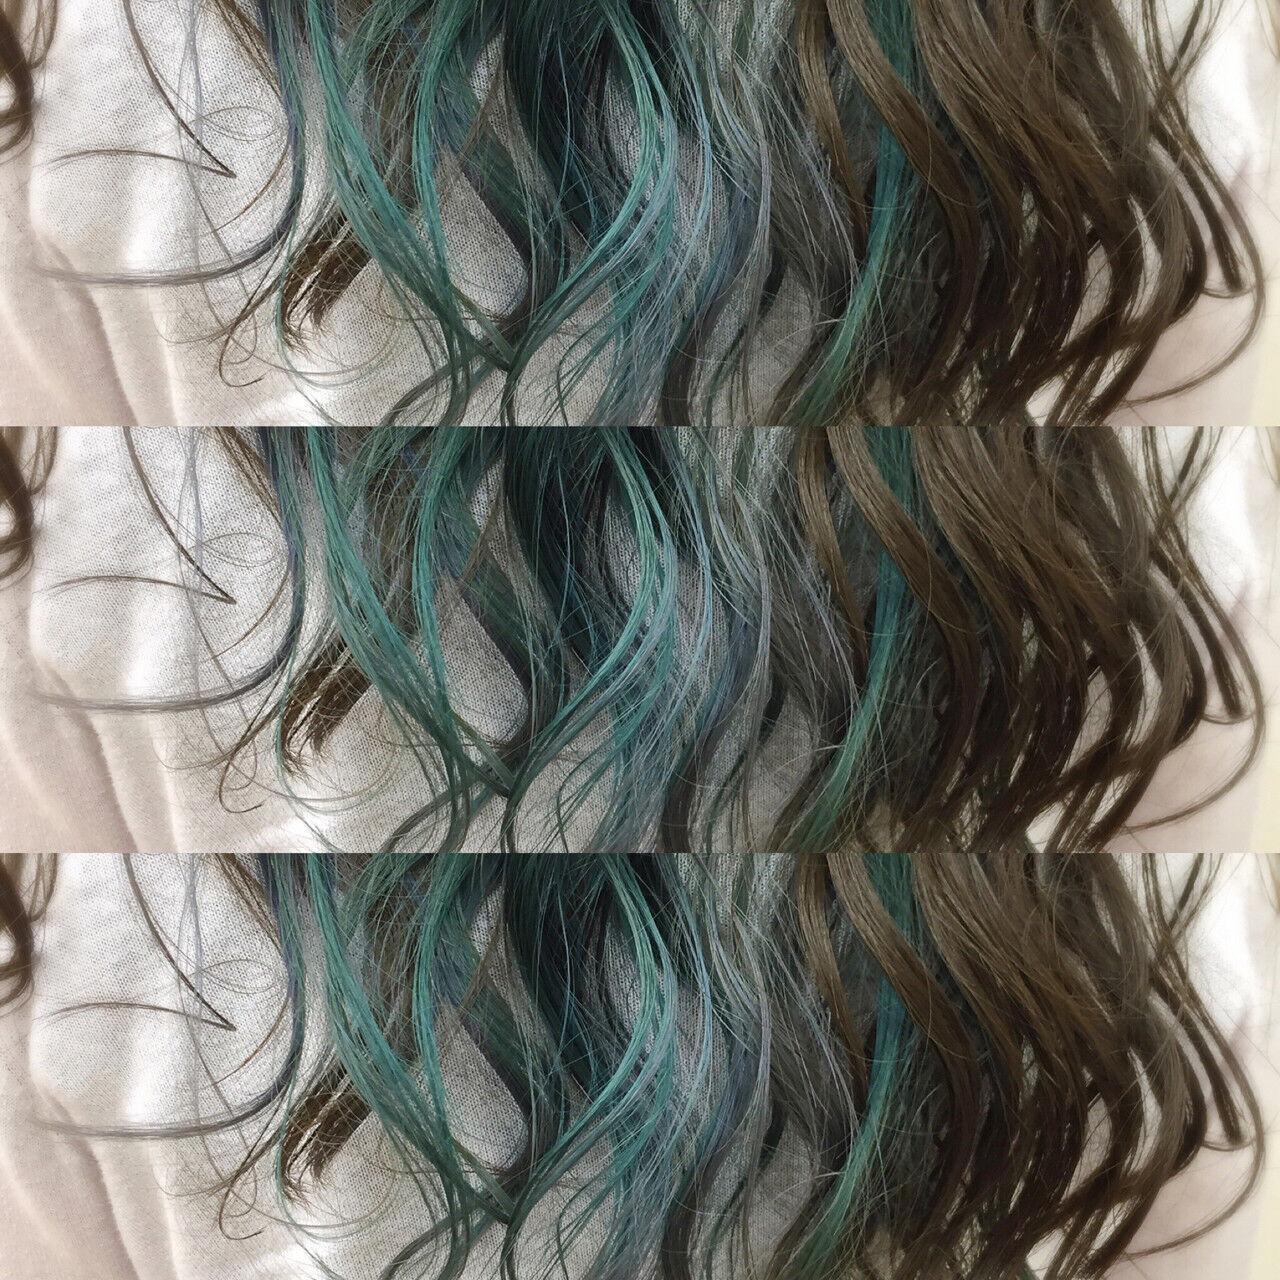 カラフルカラー インナーカラー ヘアマニキュア ハイトーンヘアスタイルや髪型の写真・画像